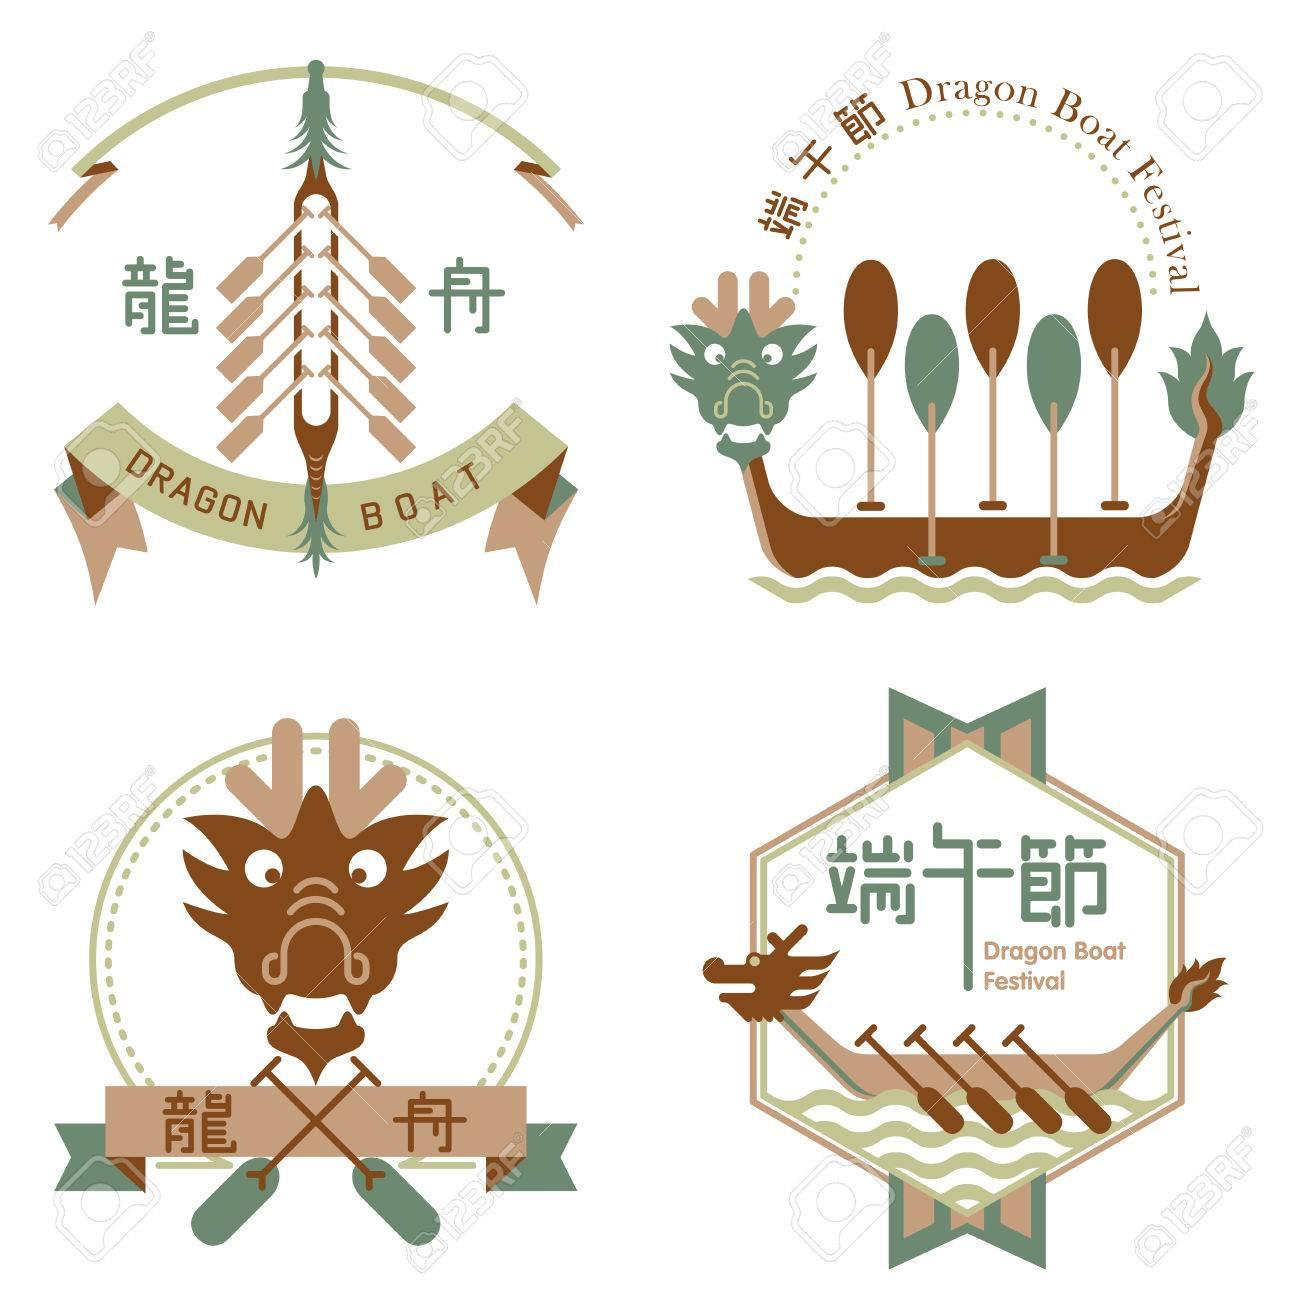 Dragon Boat Festival Conjunto De Elementos De Diseño Chino